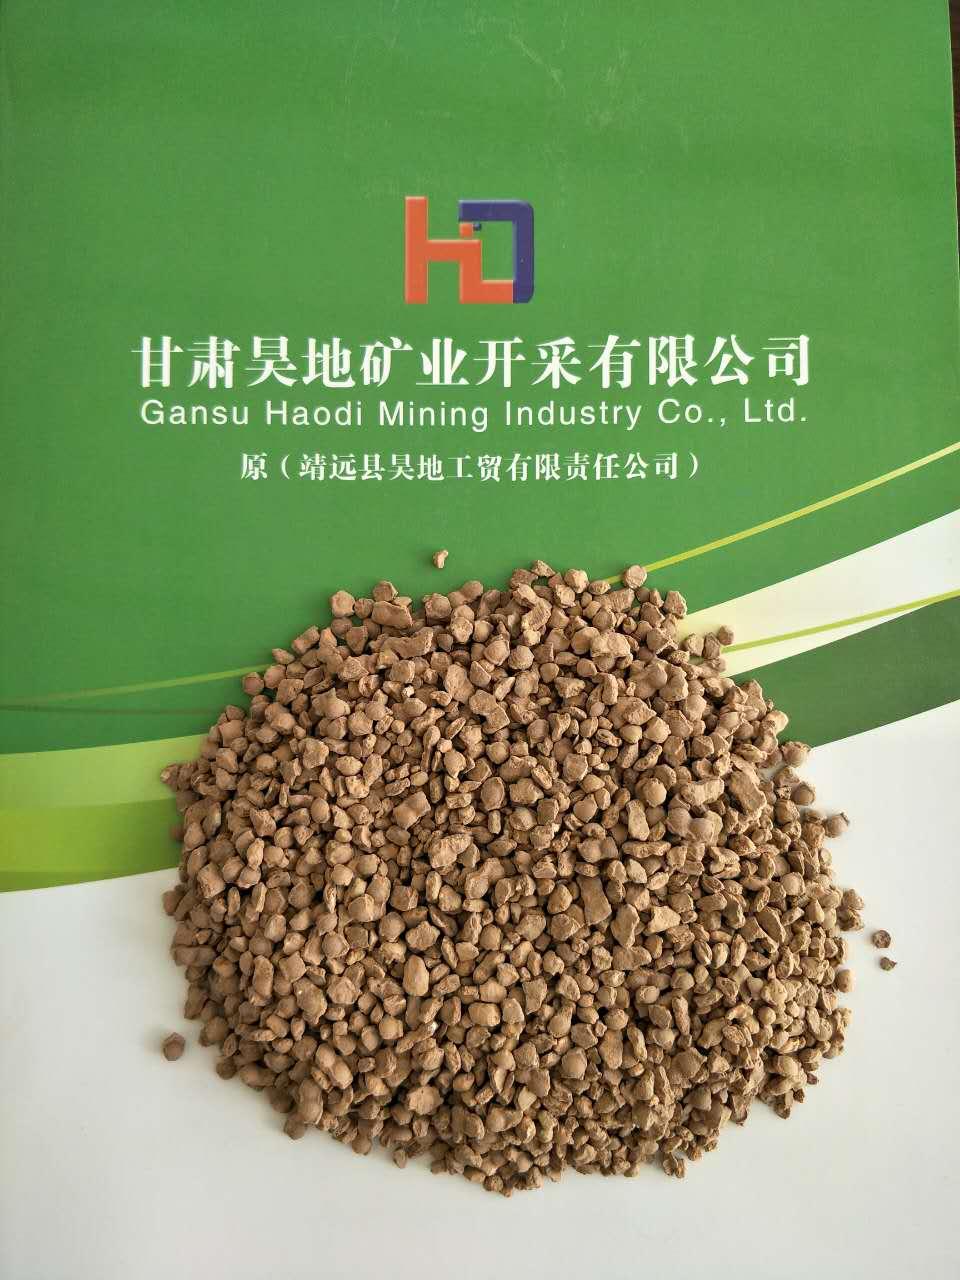 凹凸棒石-饲料原料,农药化肥等农业原料,吸附污水处理等环保原料